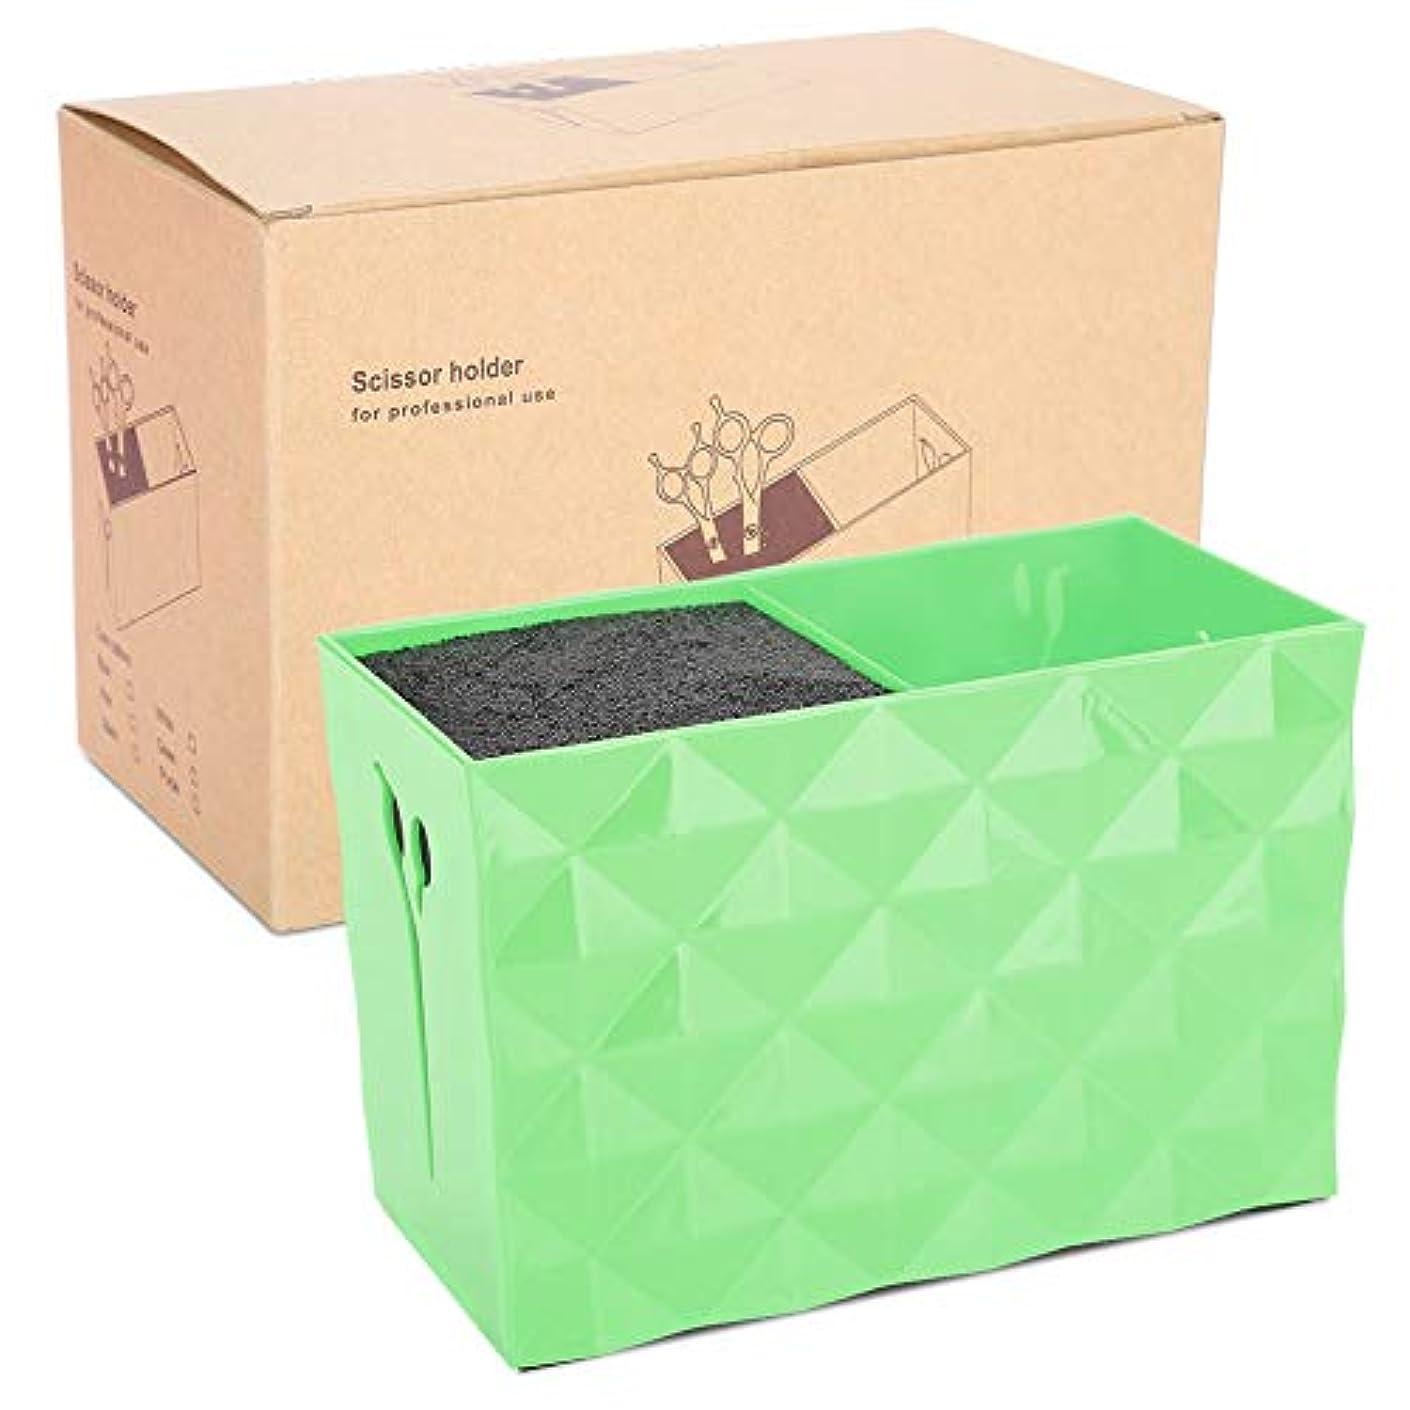 証書杖建物理髪収納ボックス、理髪ツールアクセサリーはさみくしヘアクリップオーガナイザー(緑)